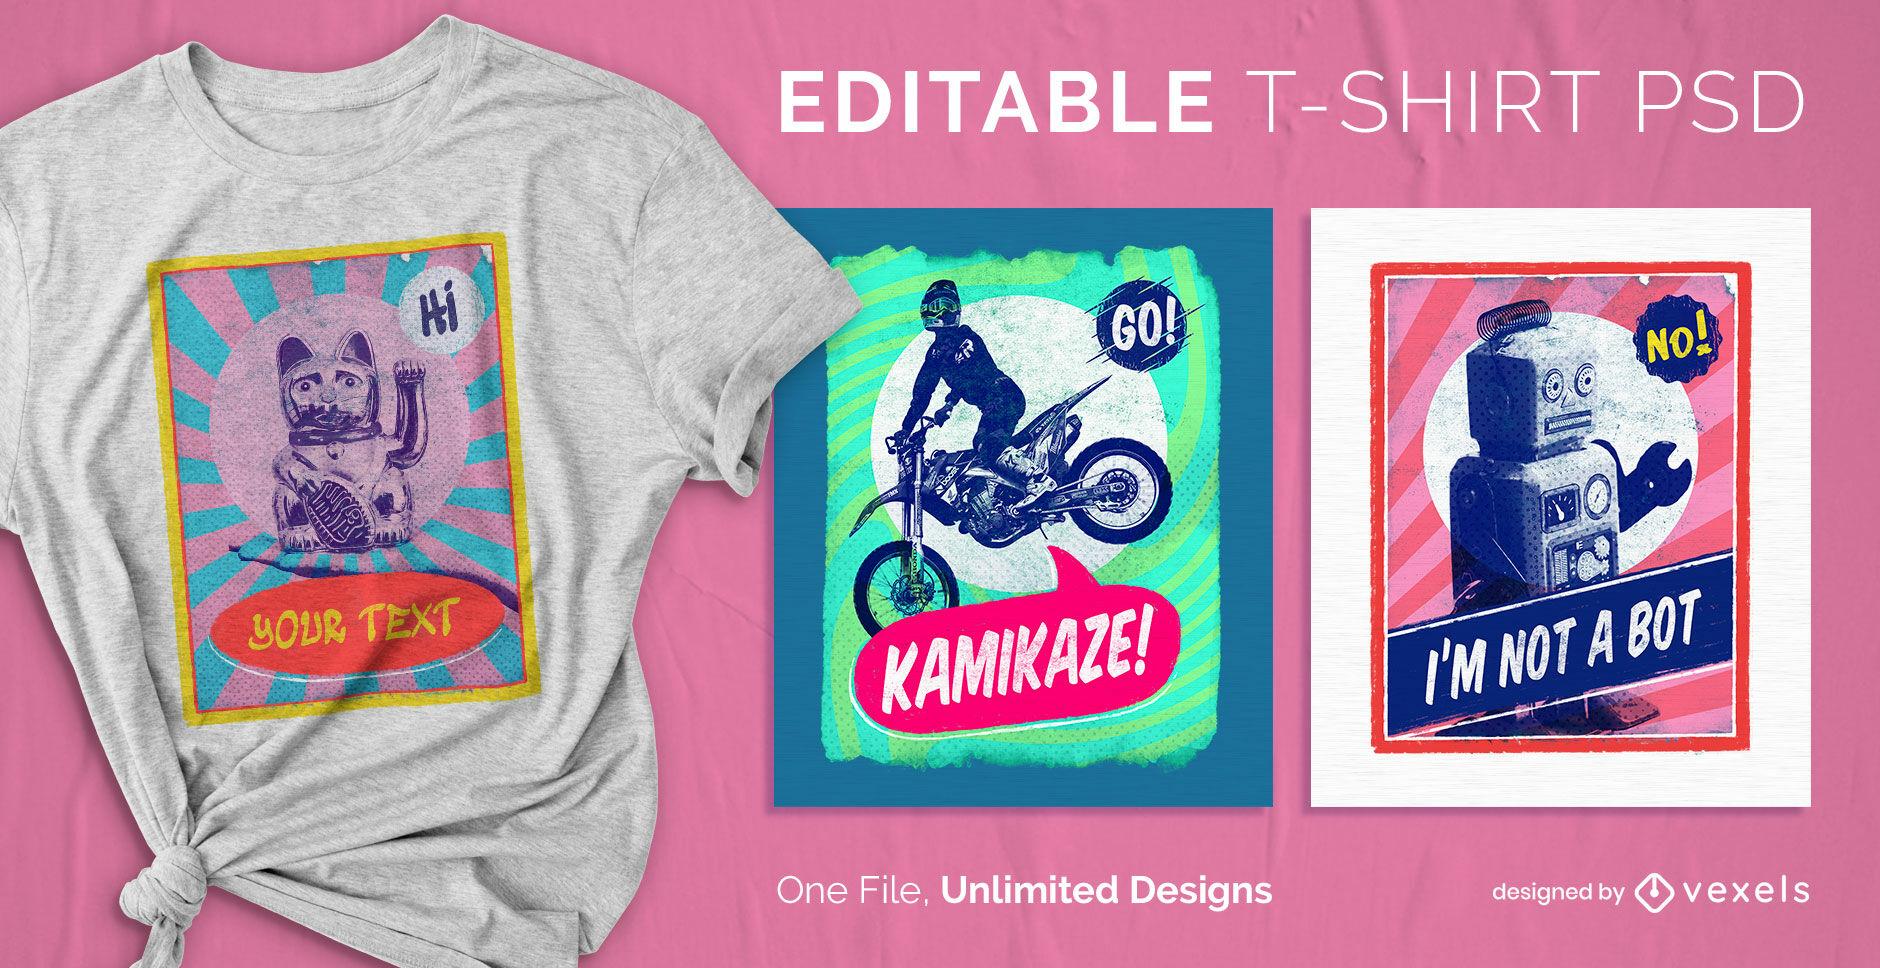 Plantilla de camiseta psd escalable de p?ster pop art